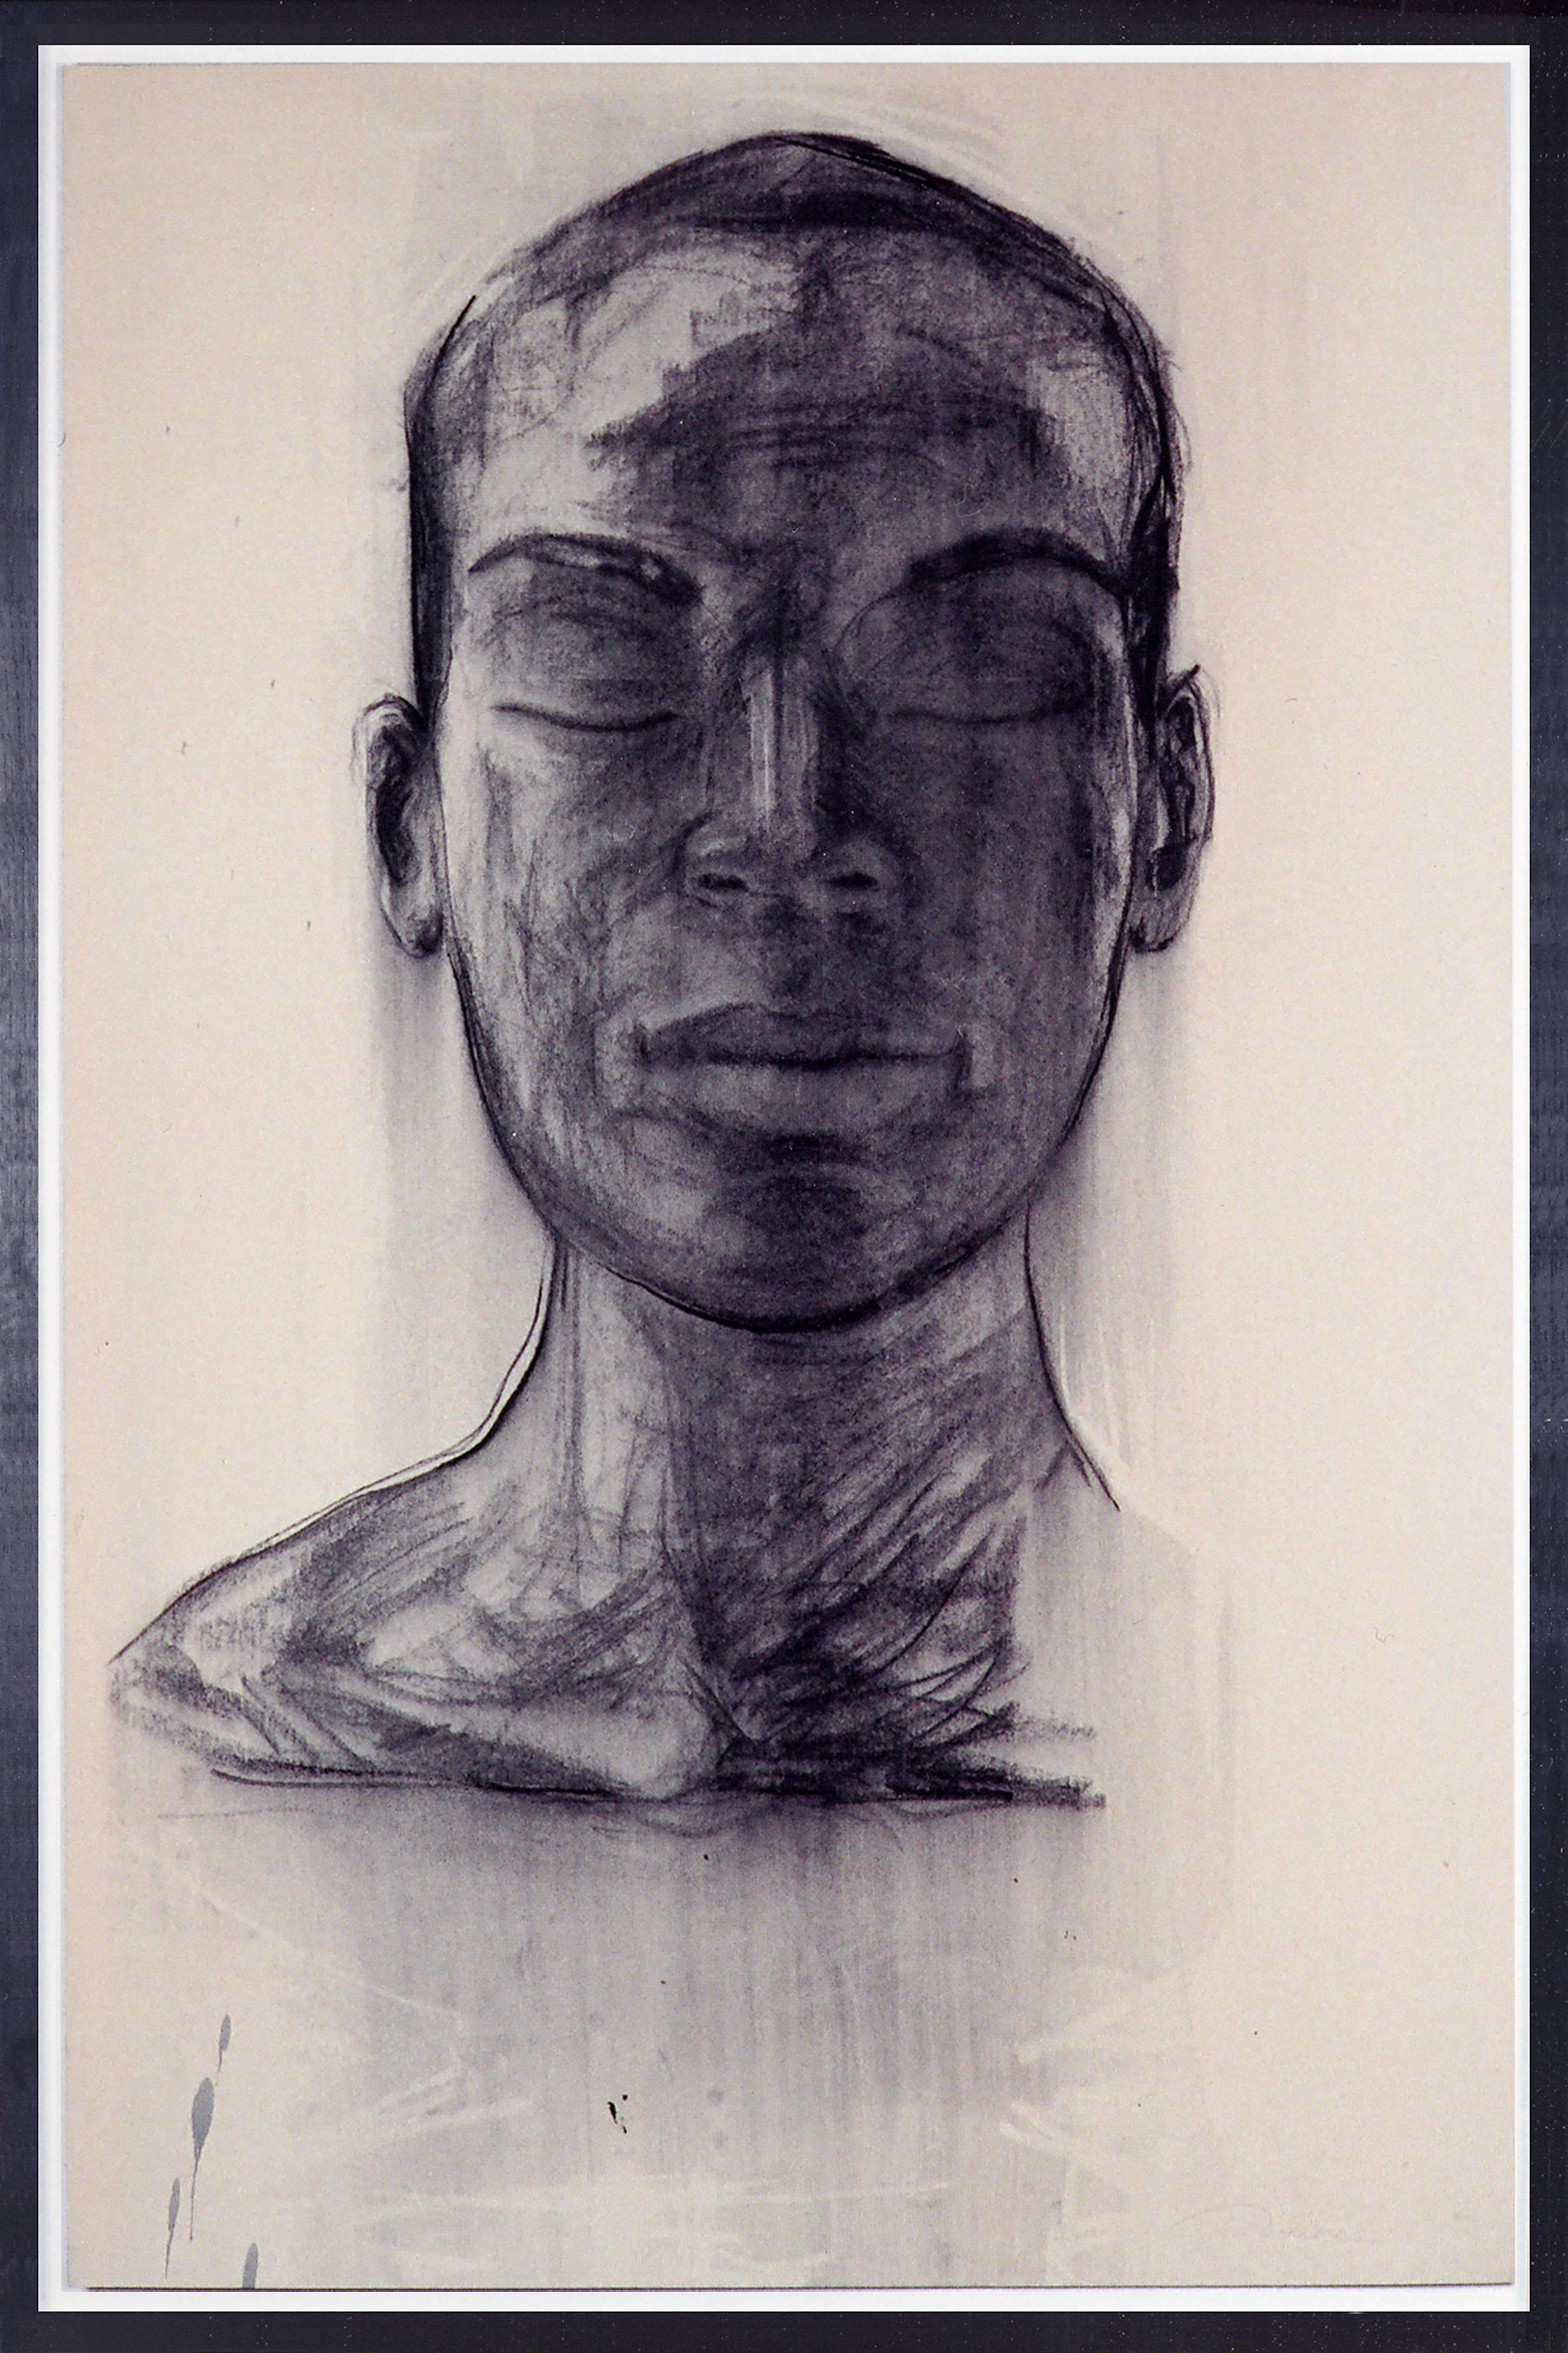 DECREME_Continent-I_Fusain-sur-papier_80x120_2004